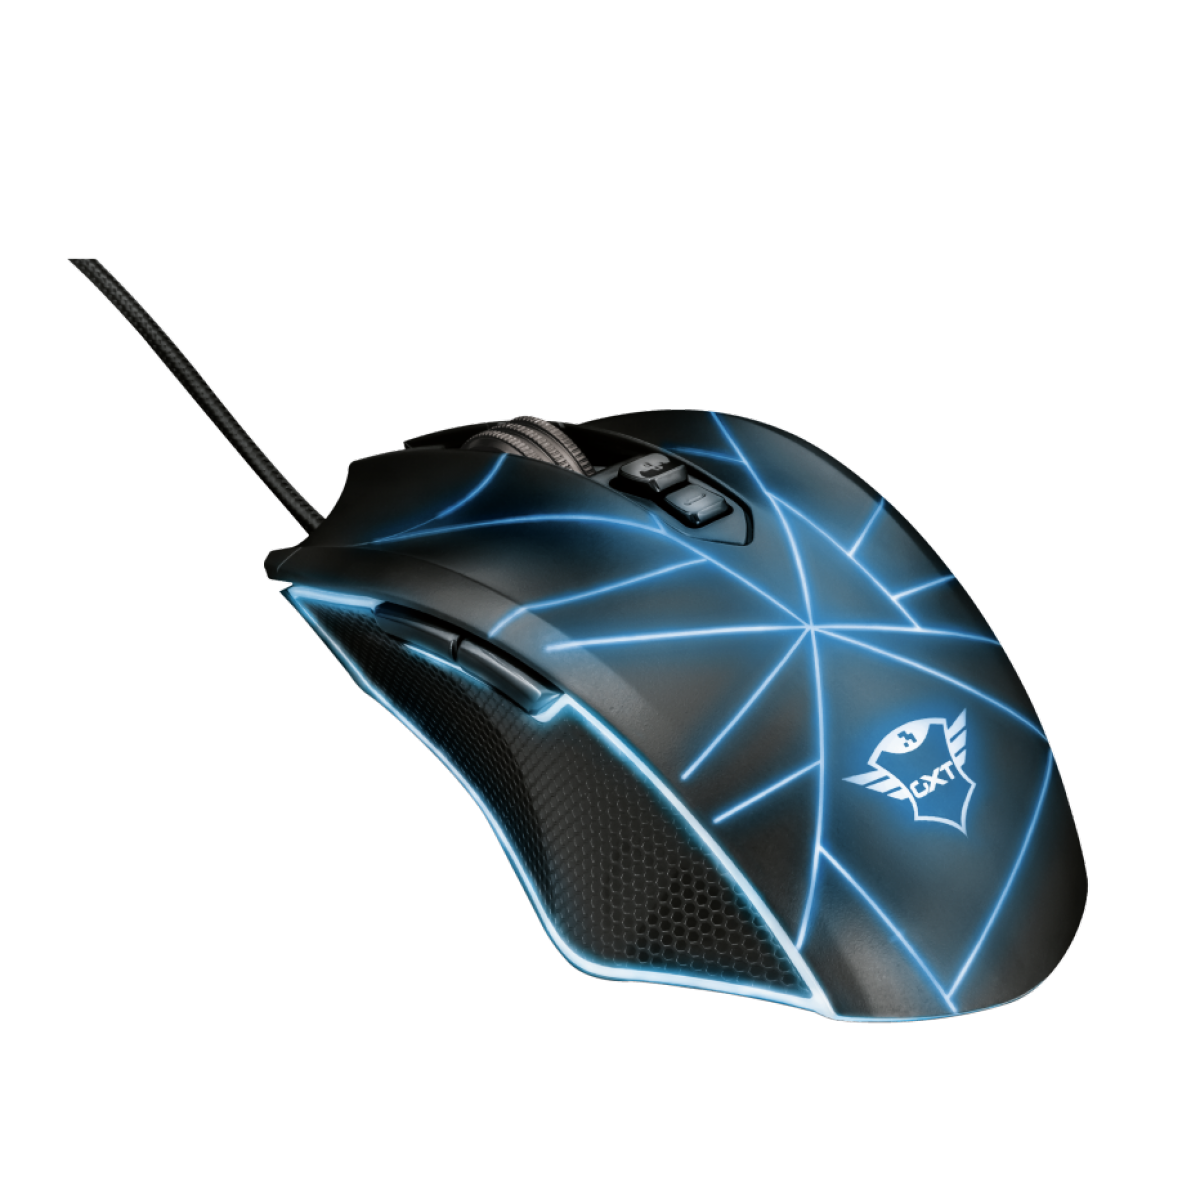 Mouse Gamer Trust, GXT 160 Ture, 4000DPI, 7 Botões, RGB, Black, T22332